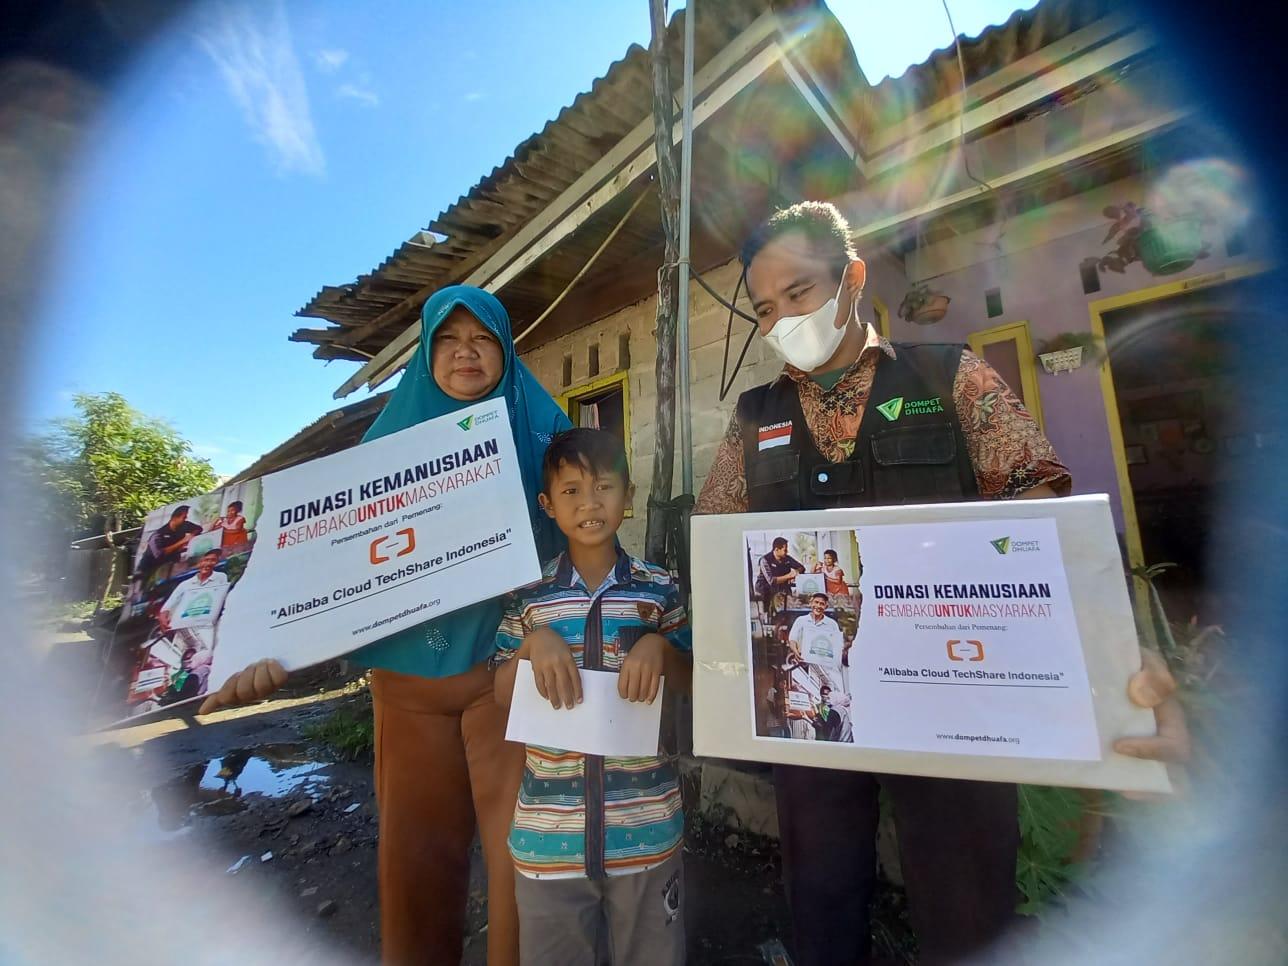 DD Singgalang-Alibaba Cloud TechShare Indonesia  Bagikan Sembako dan Santunan untuk Anak Yatim